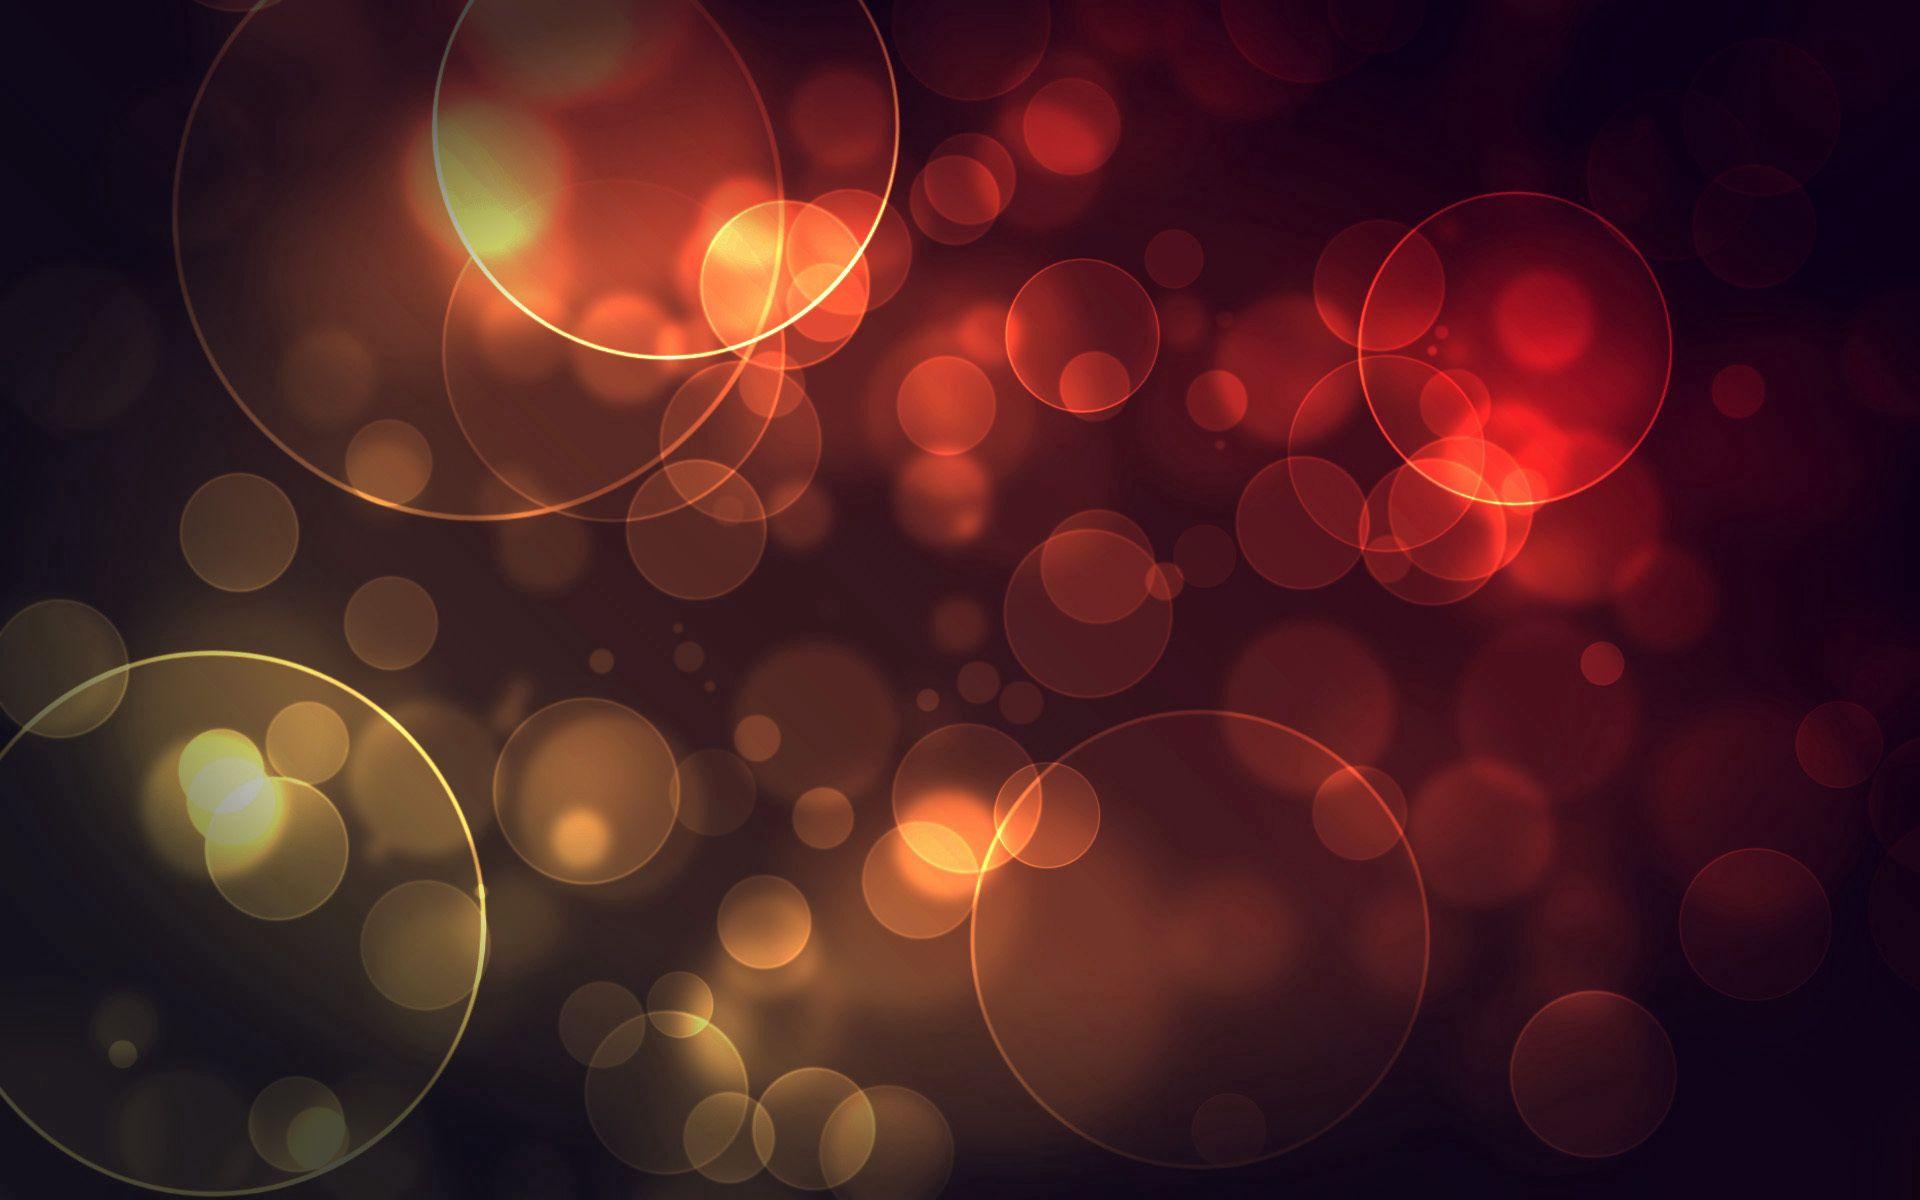 120543 Hintergrundbild herunterladen Kreise, Abstrakt, Hintergrund, Blendung, Licht, Hell Gefärbt - Bildschirmschoner und Bilder kostenlos